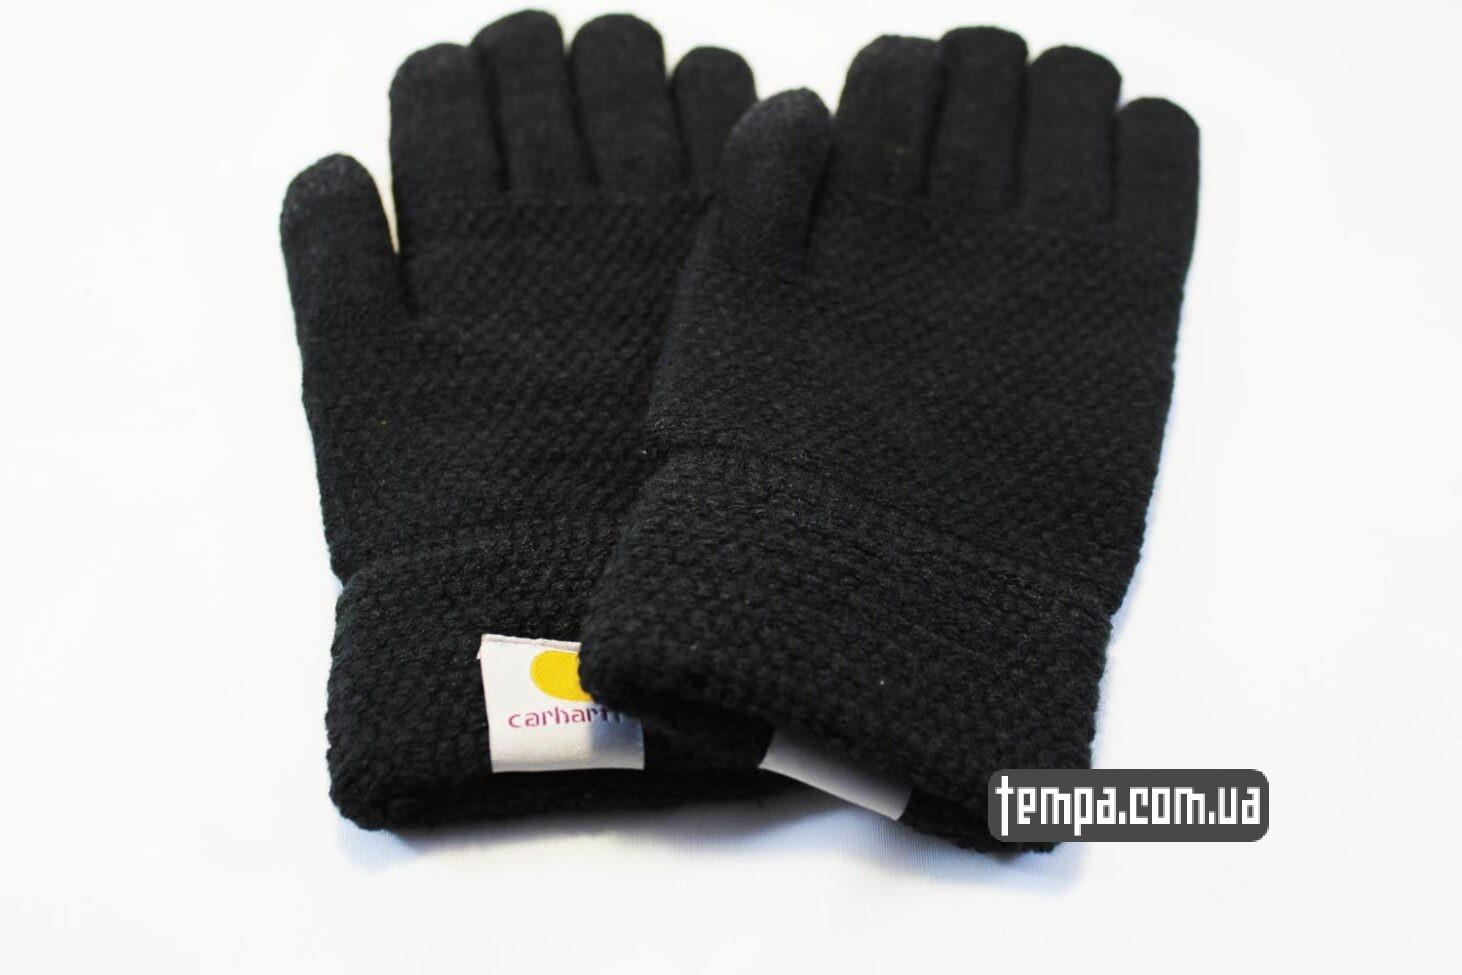 Кархарт Украина купить перчатки carhartt черные для мобильный сенсорных телефонов